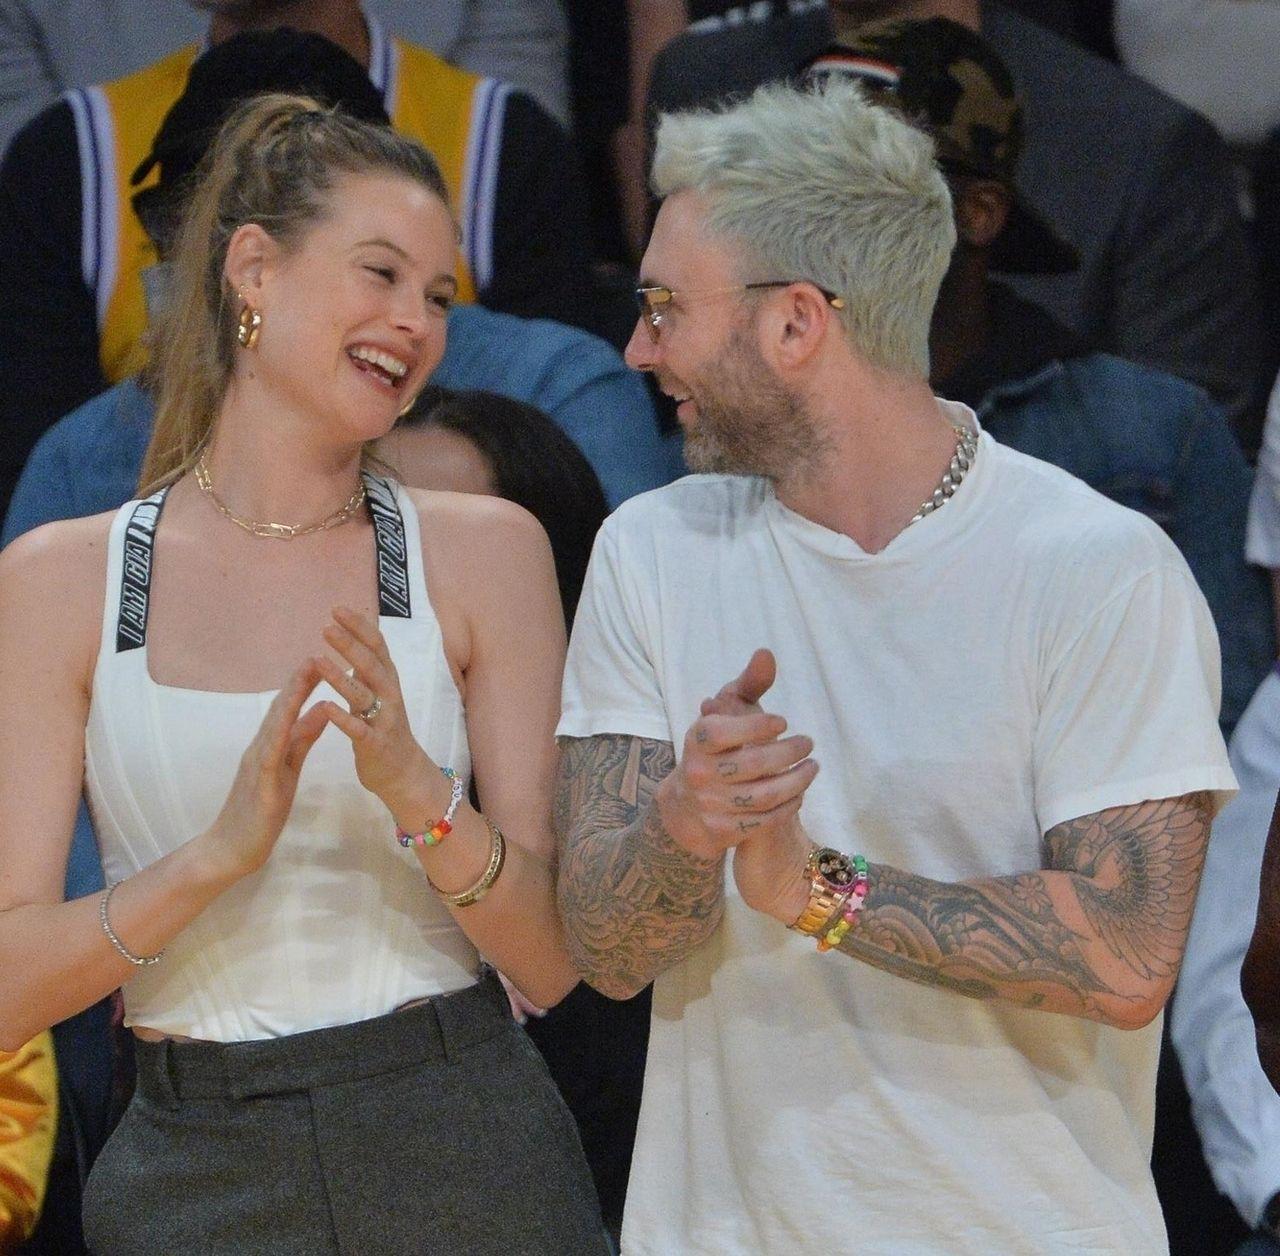 Słodziaki! Behati Prinsloo i Adam Levine wciąż zakochani (ZDJĘCIA)